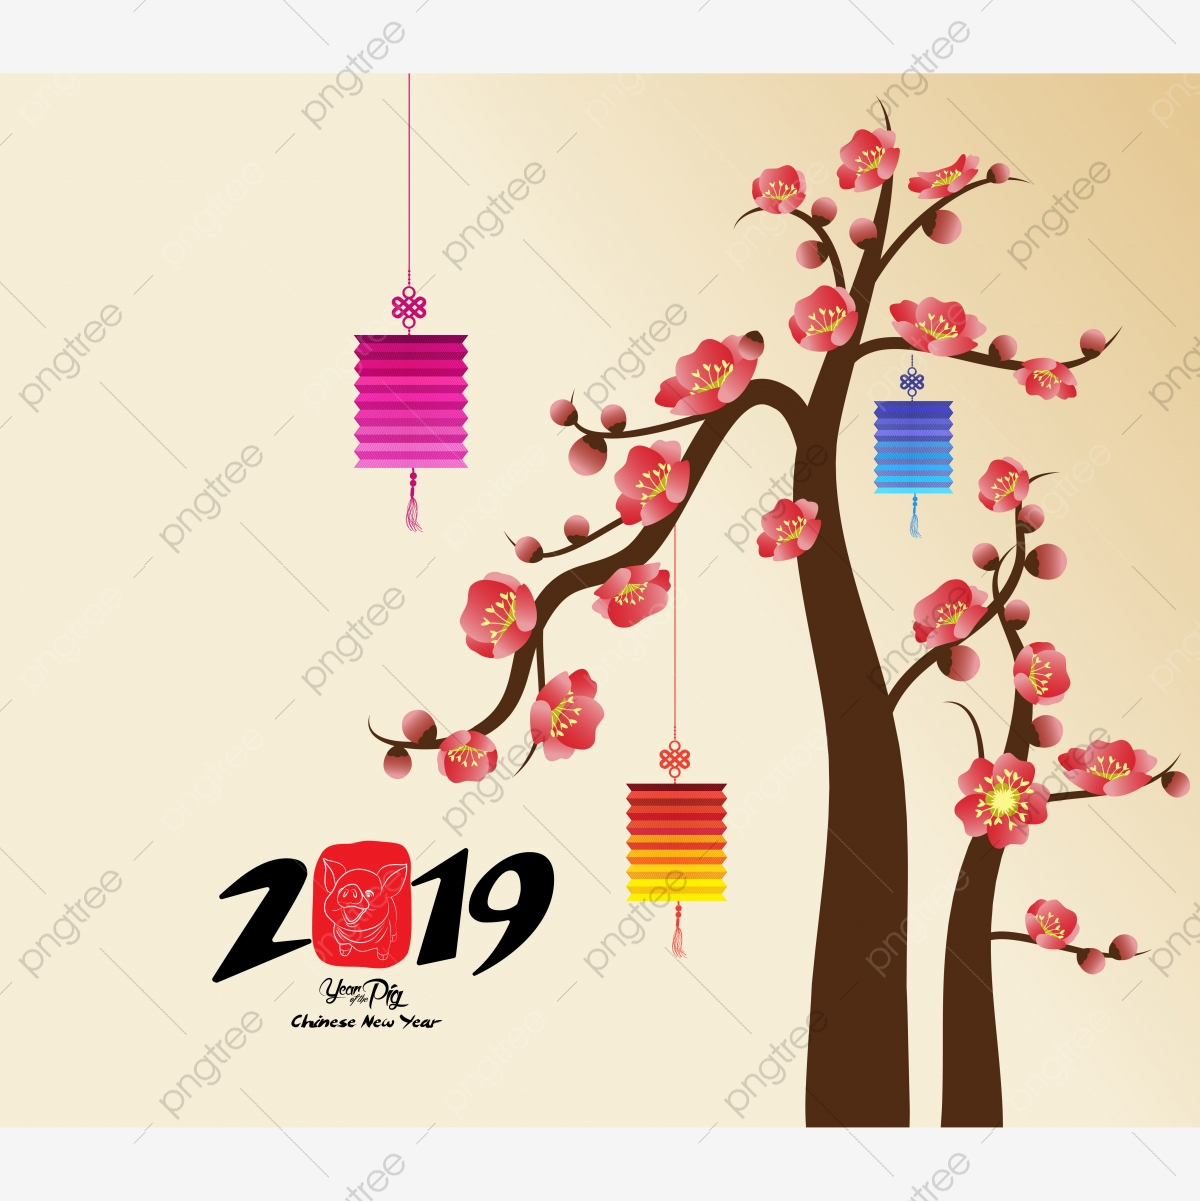 El Año Nuevo Chino Es Decoracion Para Blossom Festival De